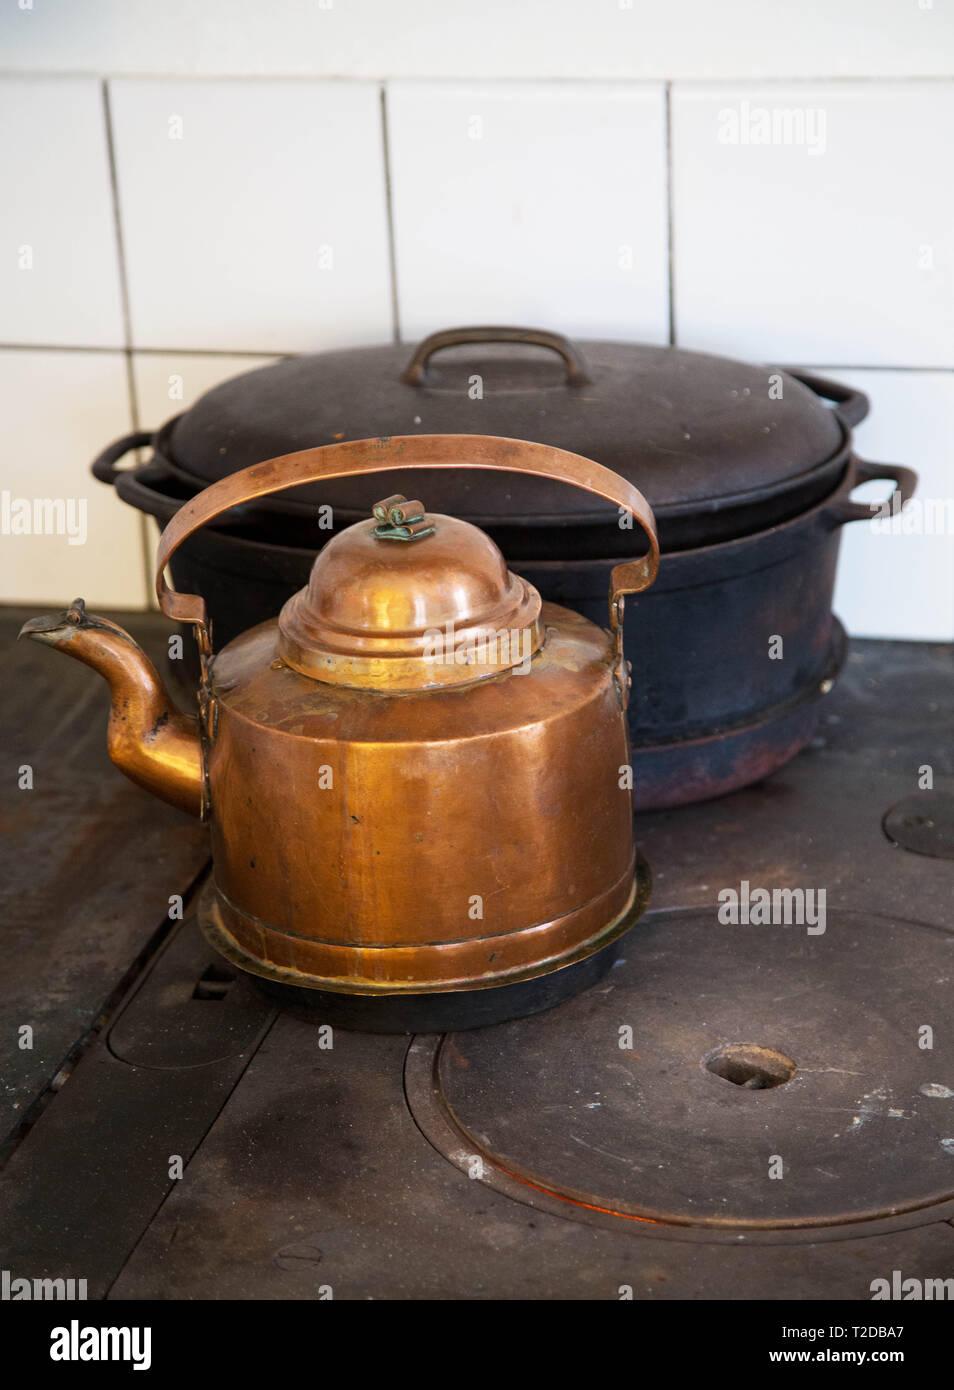 Cafetera en una vieja estufa de leña en la cocina Fotografía